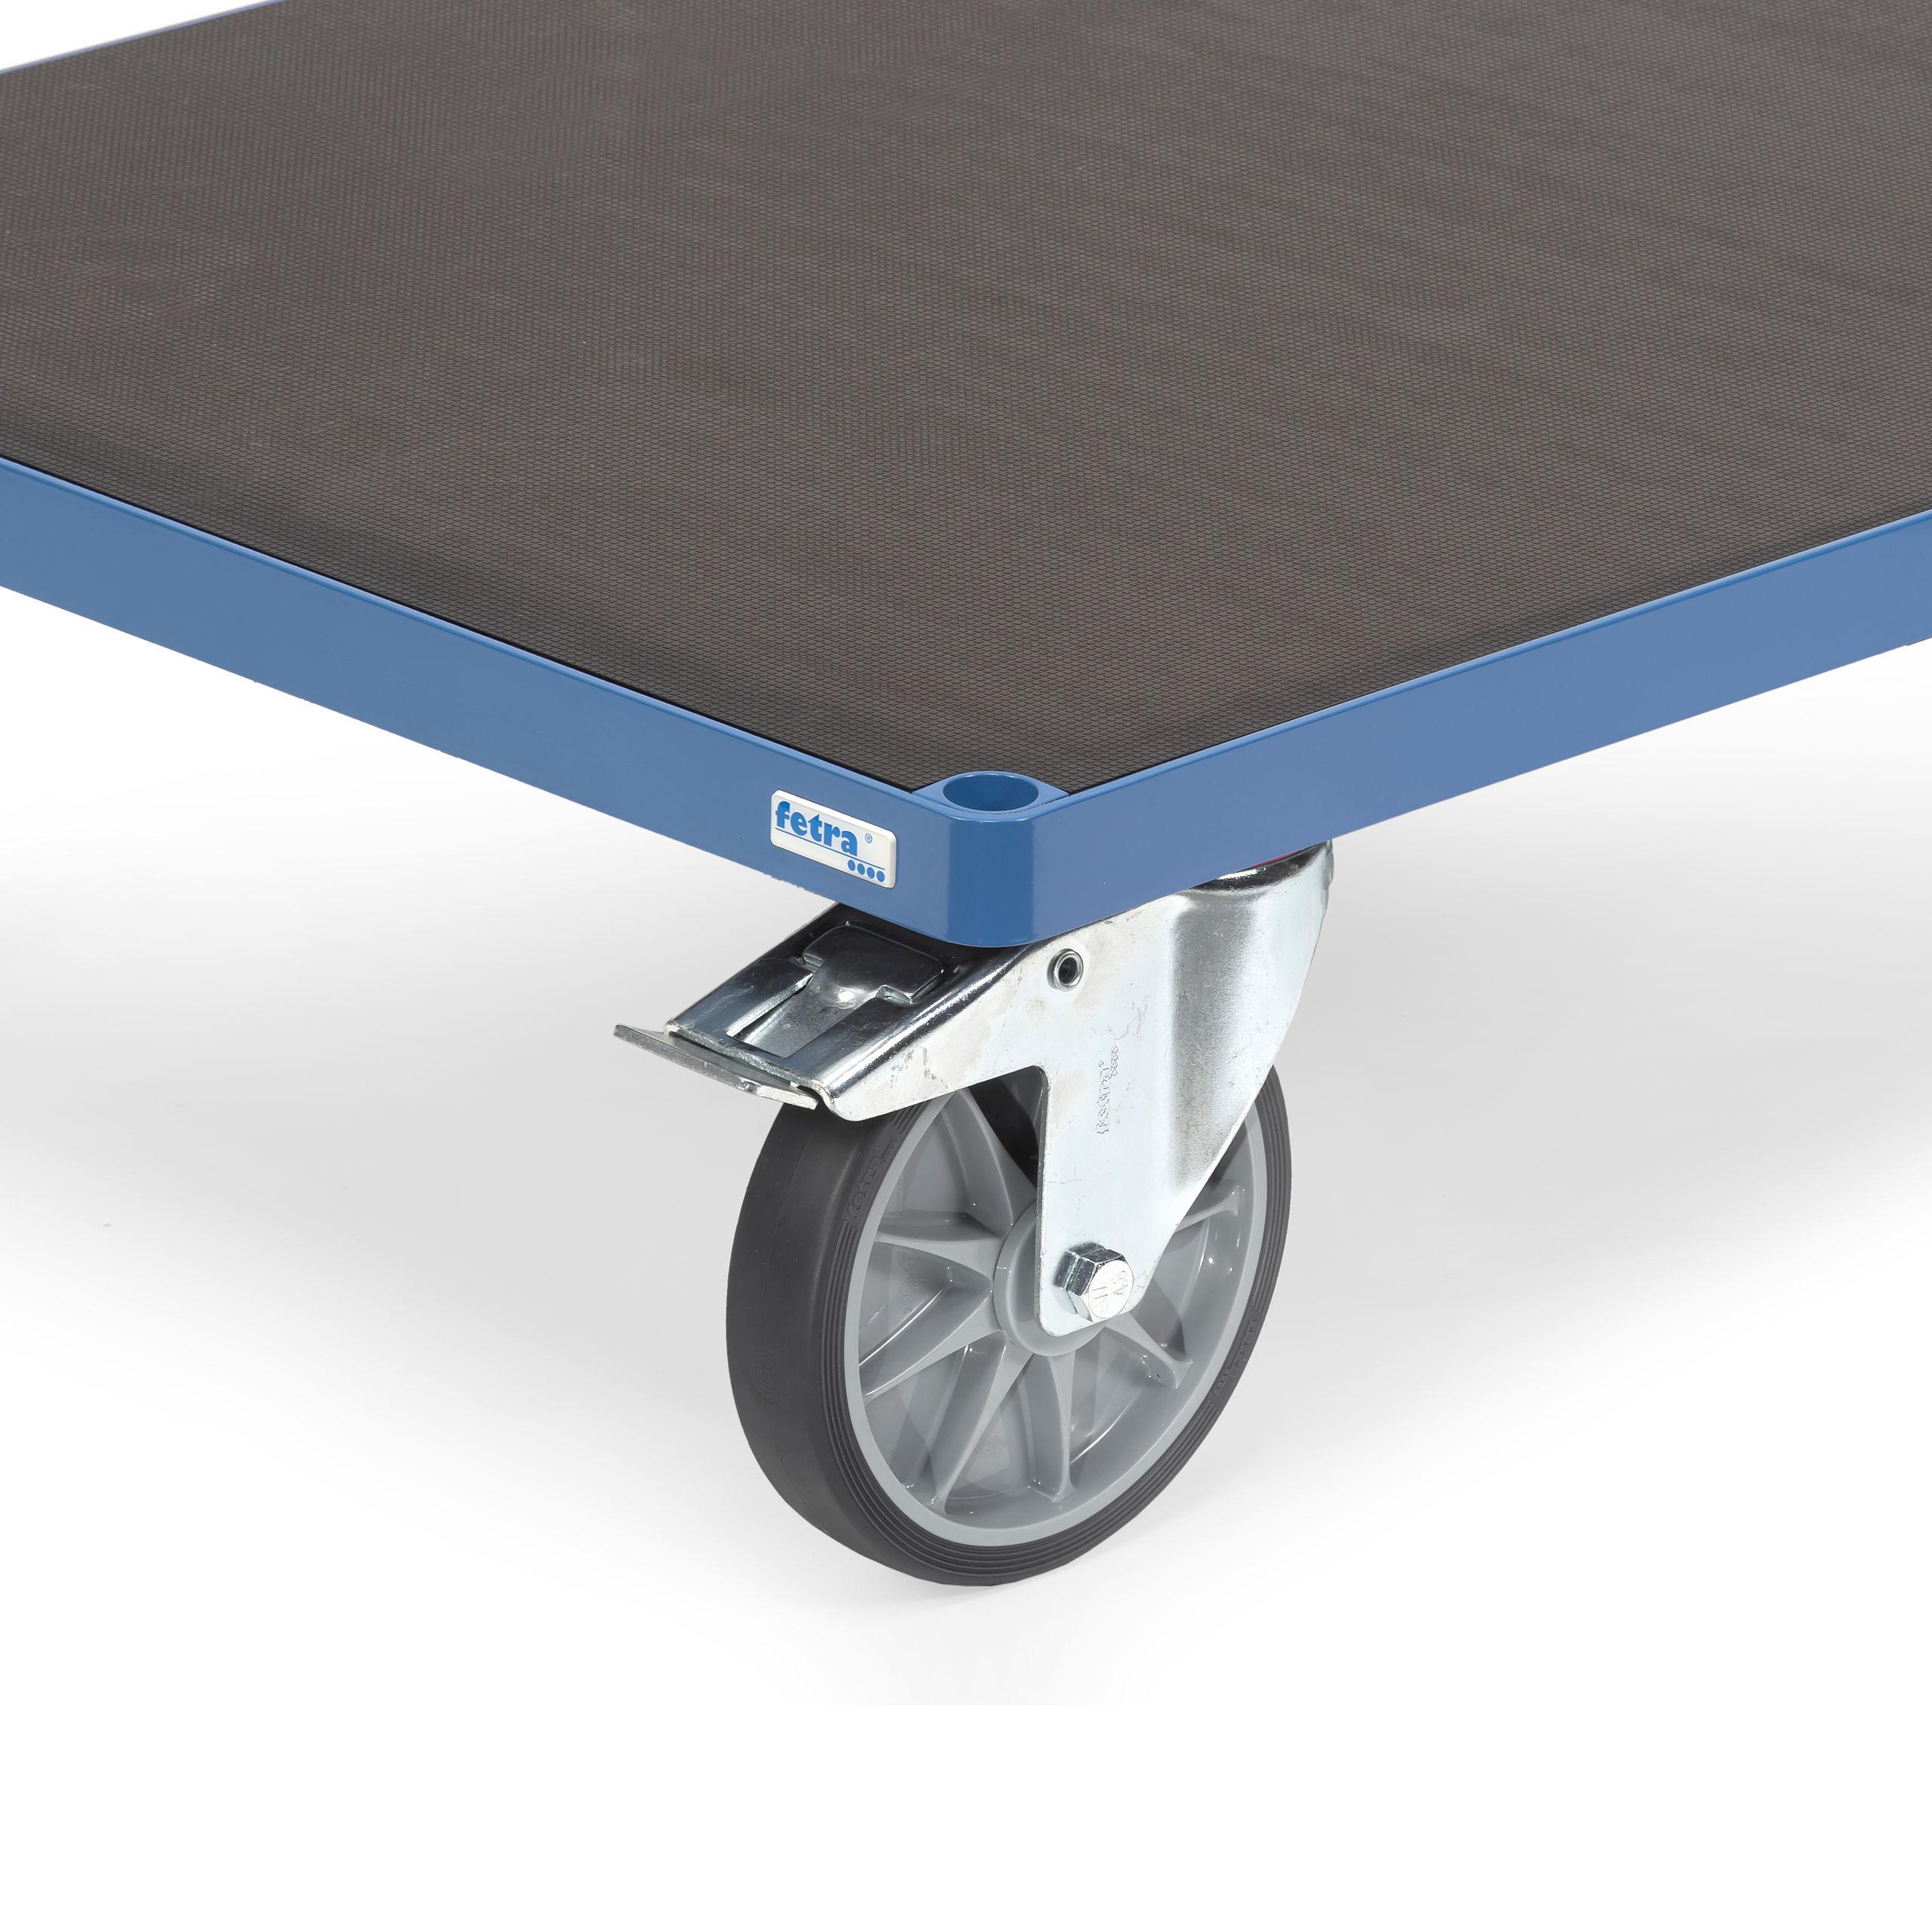 wasserfeste plattformen zubeh r wagen transportsysteme bei kaiser systeme. Black Bedroom Furniture Sets. Home Design Ideas